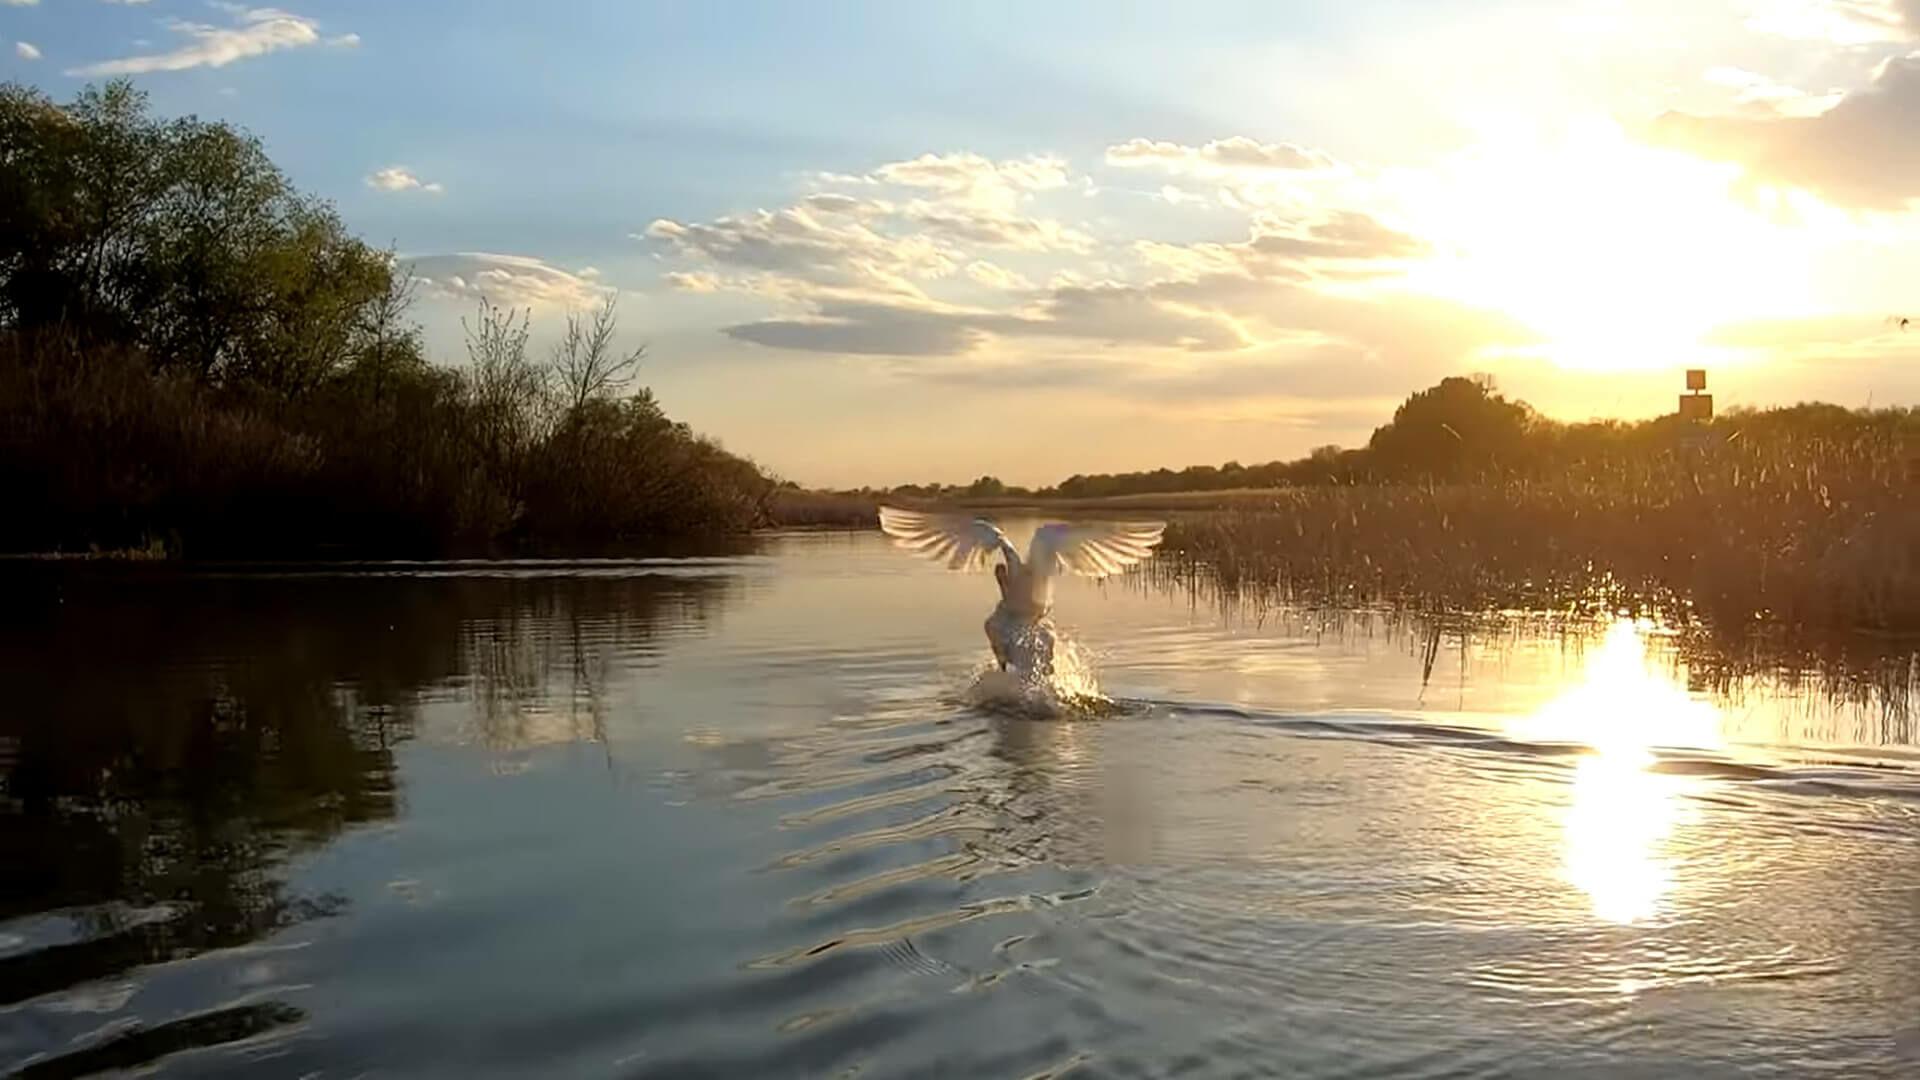 A szőke tó - A Tisza-tó hat évszaka - első rész [video]